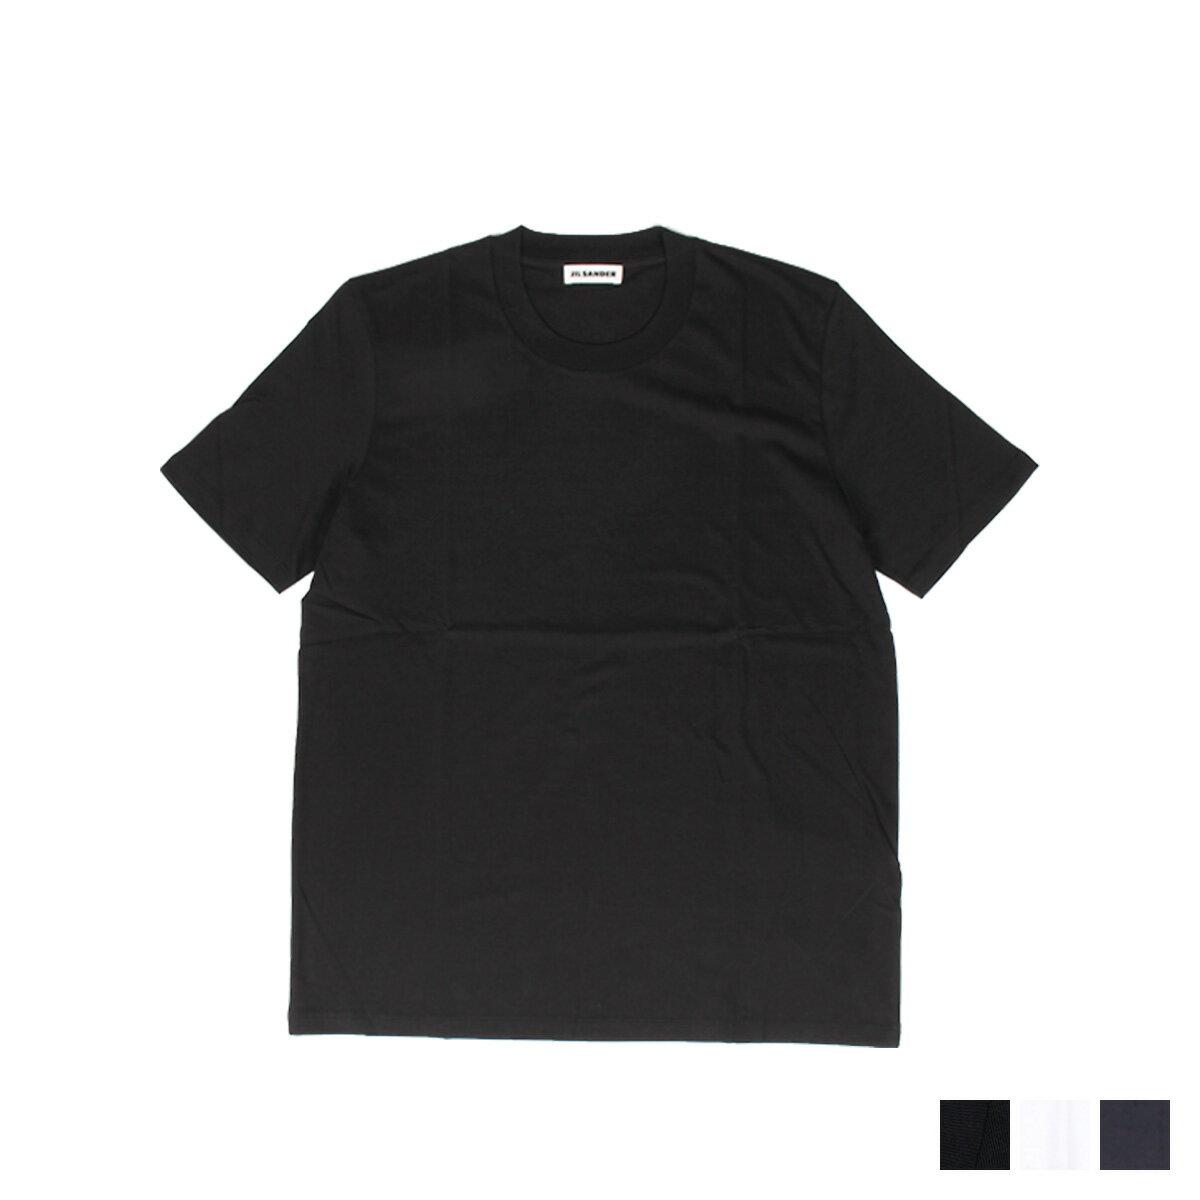 トップス, Tシャツ・カットソー JIL SANDER CREW NECK T-SHIRT T JSMP706020 MP247308